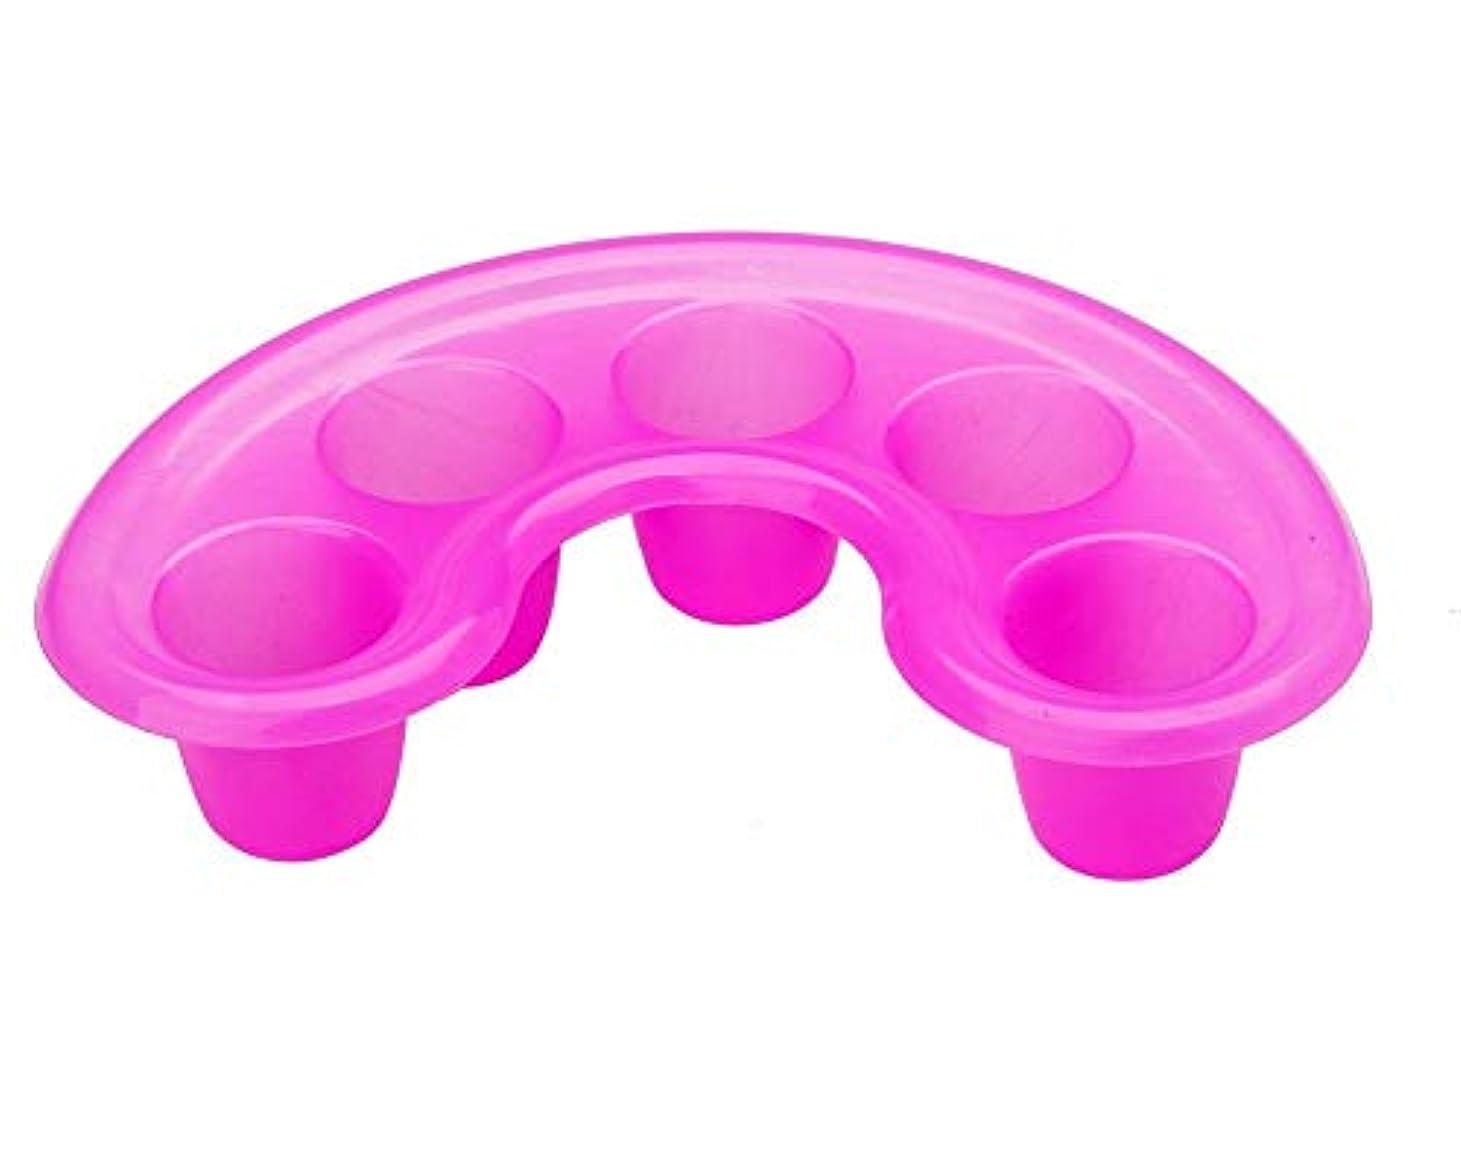 コンセンサスパーフェルビッド危険な強い高品質のピンクのプラスチックの釘の芸術マニキュアの釘浸し/ソーカーの皿のアセトン抵抗力がある